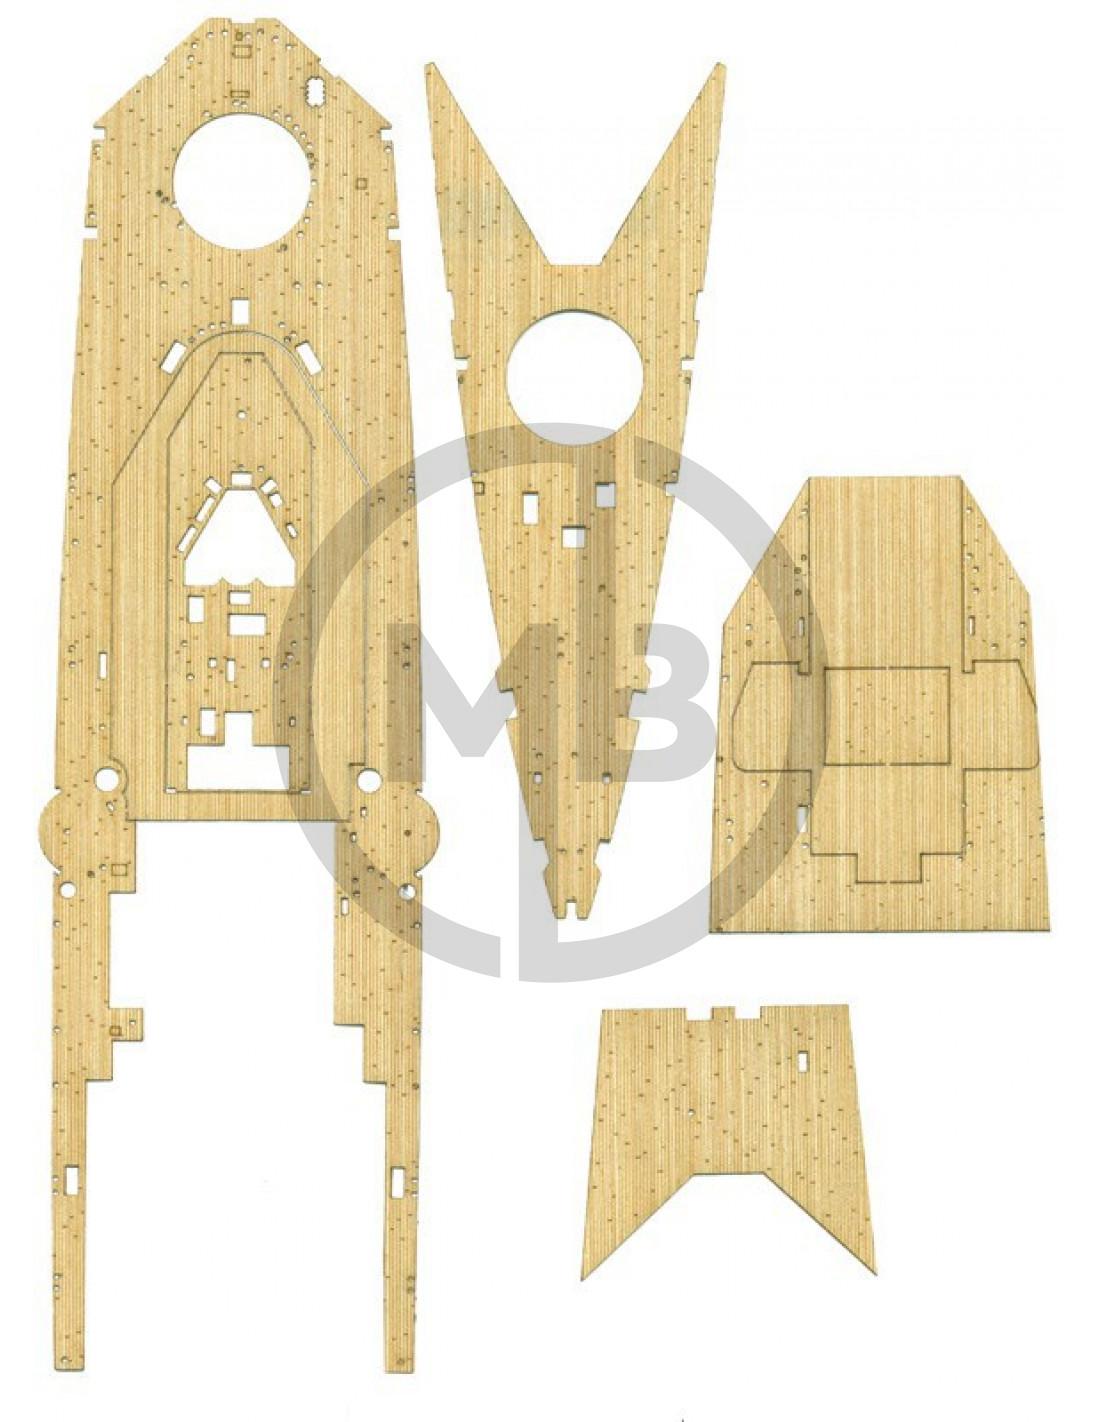 ponte in legno hms -#main